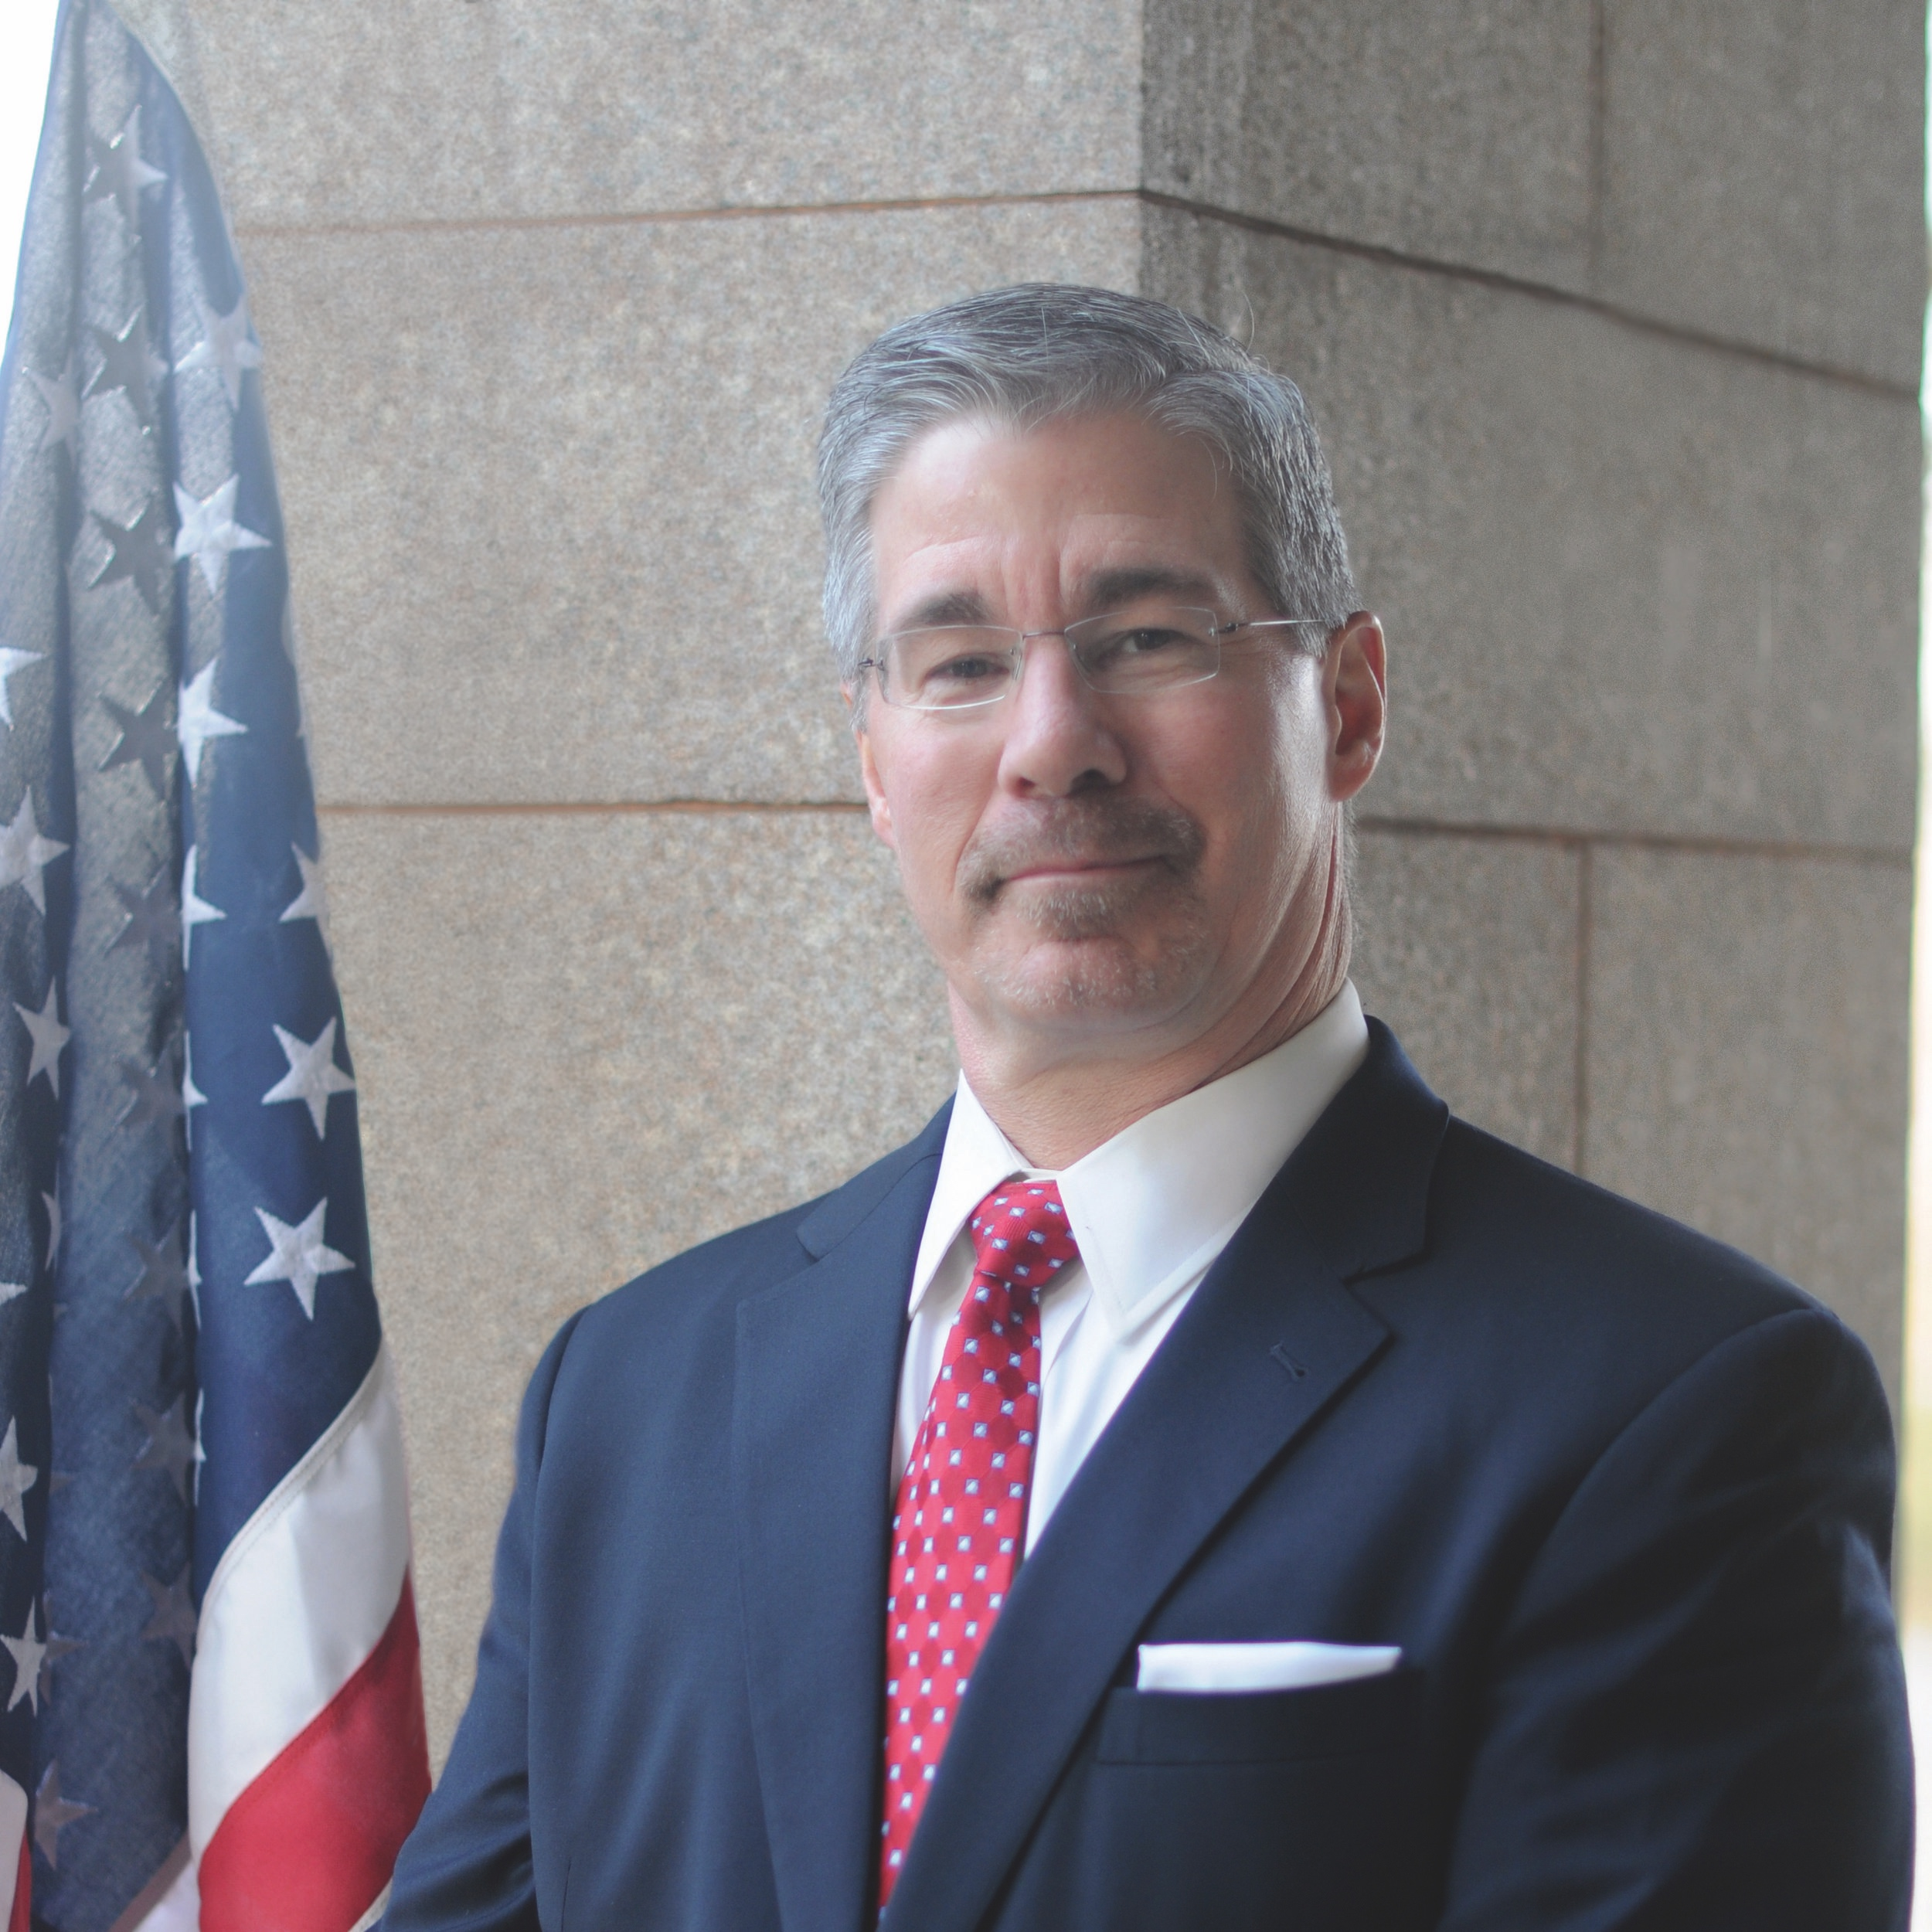 Robert Prisco - https://www.prisco4county.com